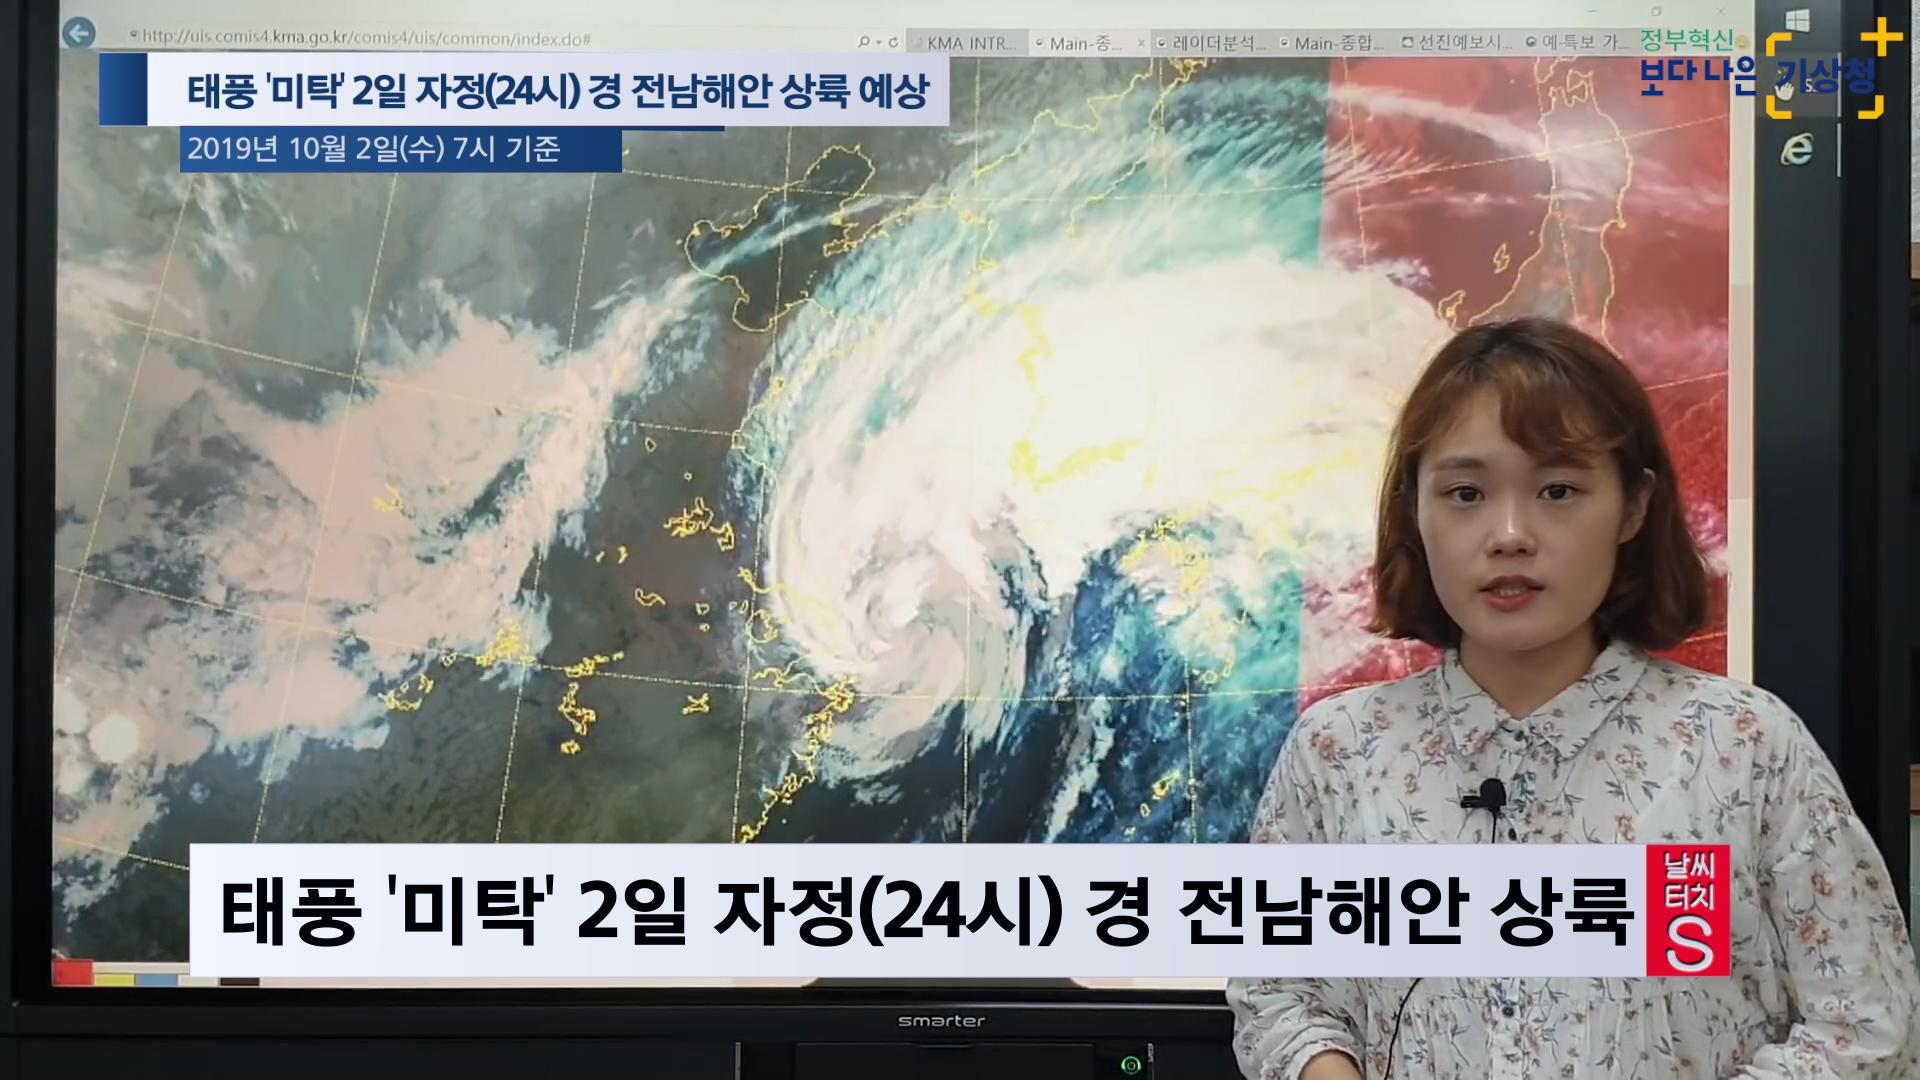 [날씨터치S] 태풍 ´미탁´ 2일 자정(24시) 경 전남해안 상륙 예상